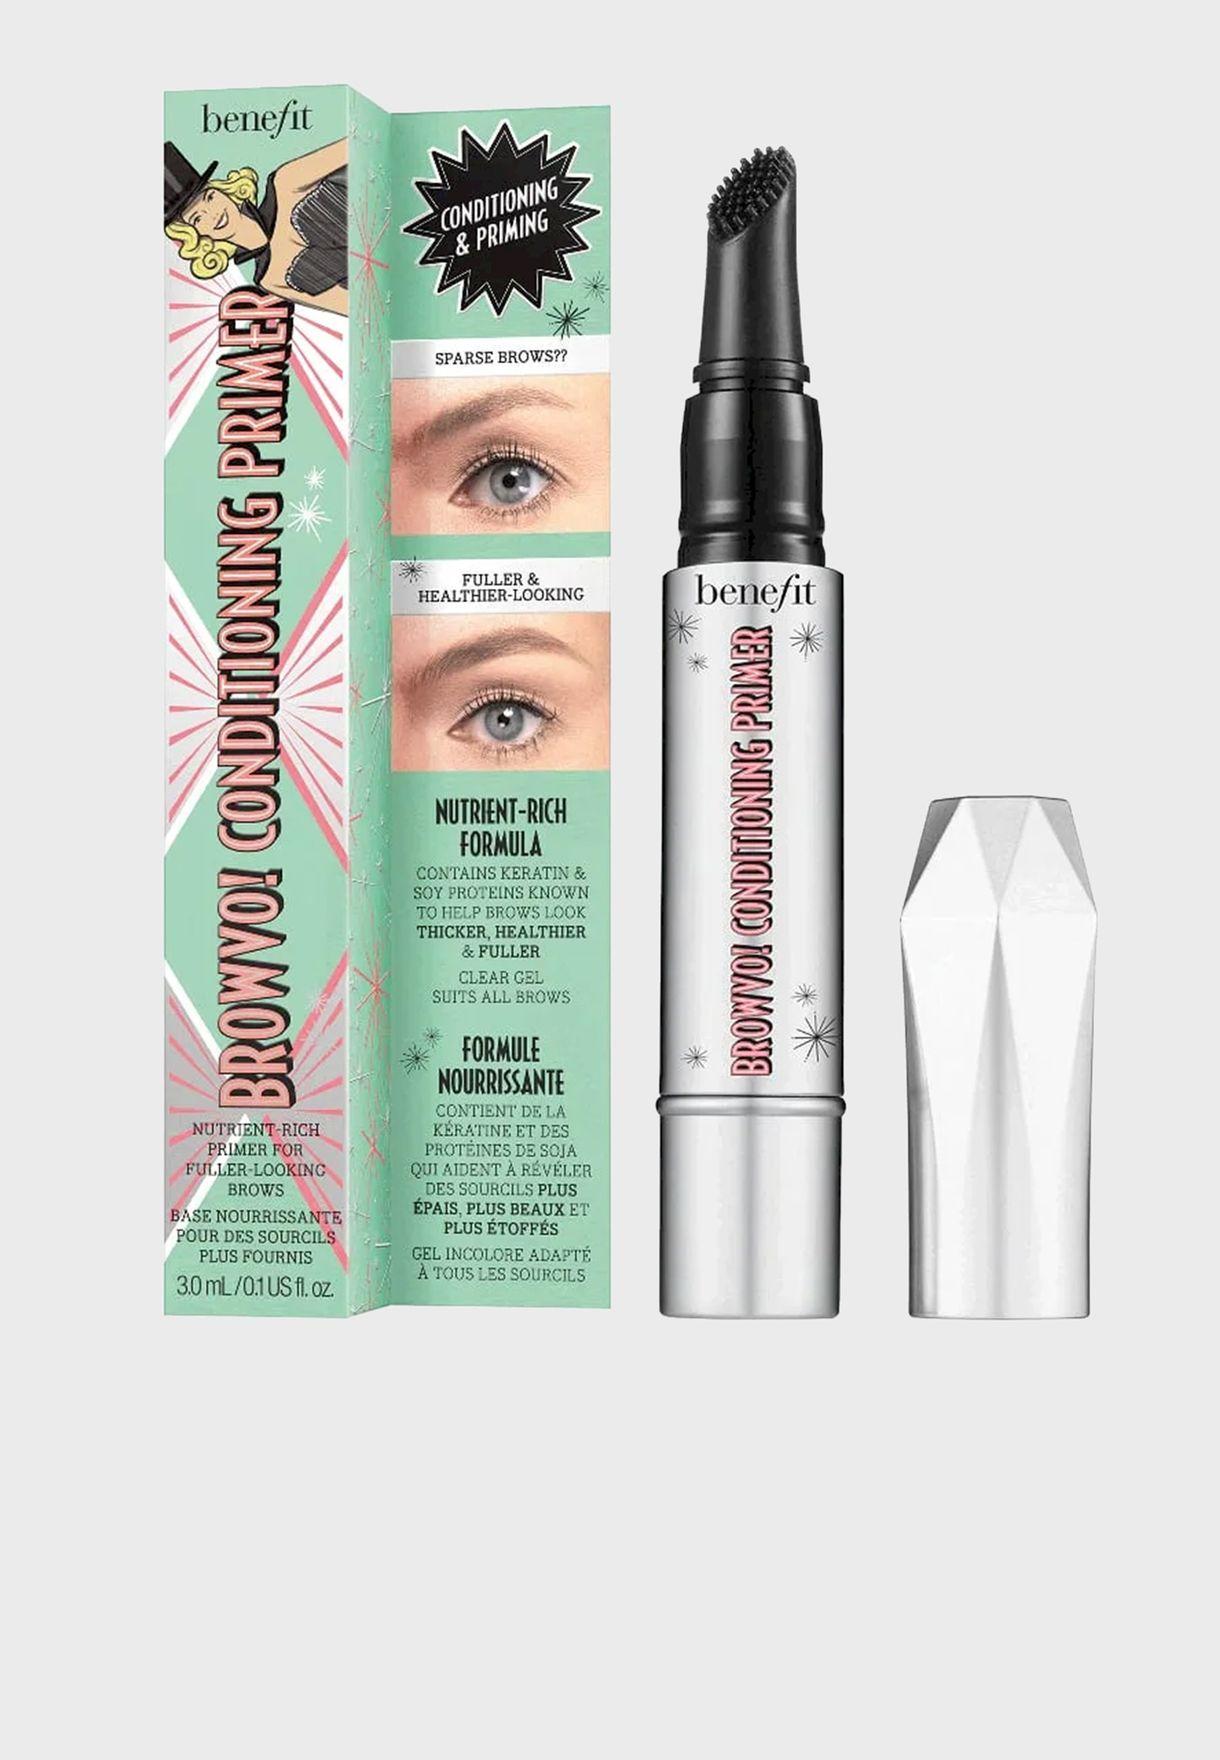 Browvo! Conditioning Eyebrow Primer